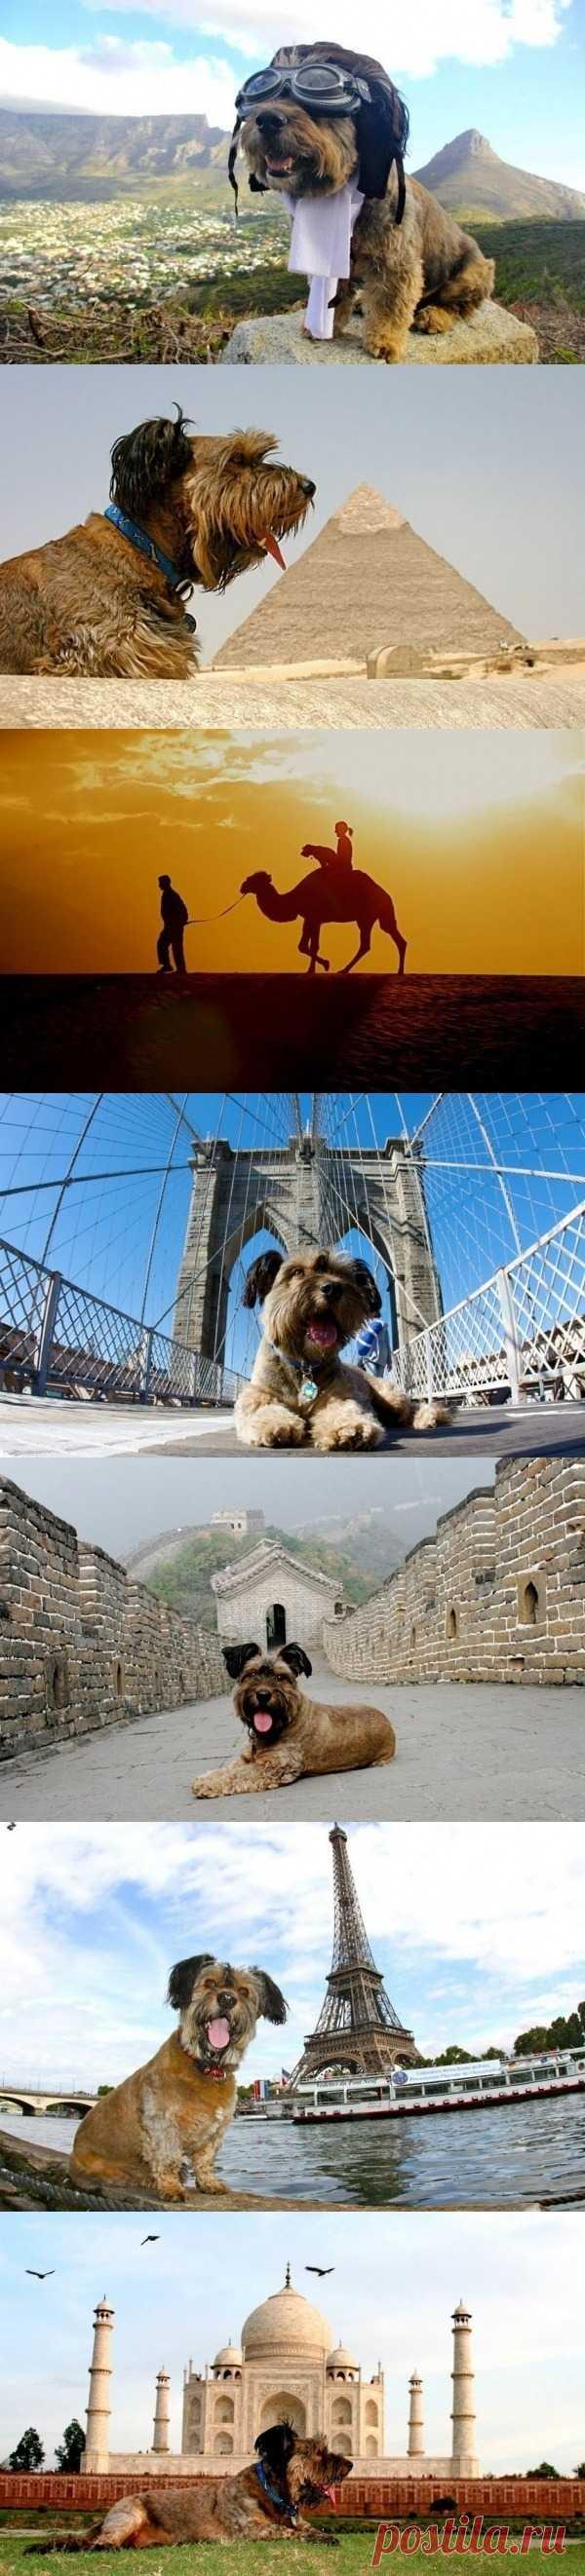 Невероятная история собаки из приюта, которой посчастливилось найти хозяйку и объехать весь свет в поддержку идеи помощи бездомным животным